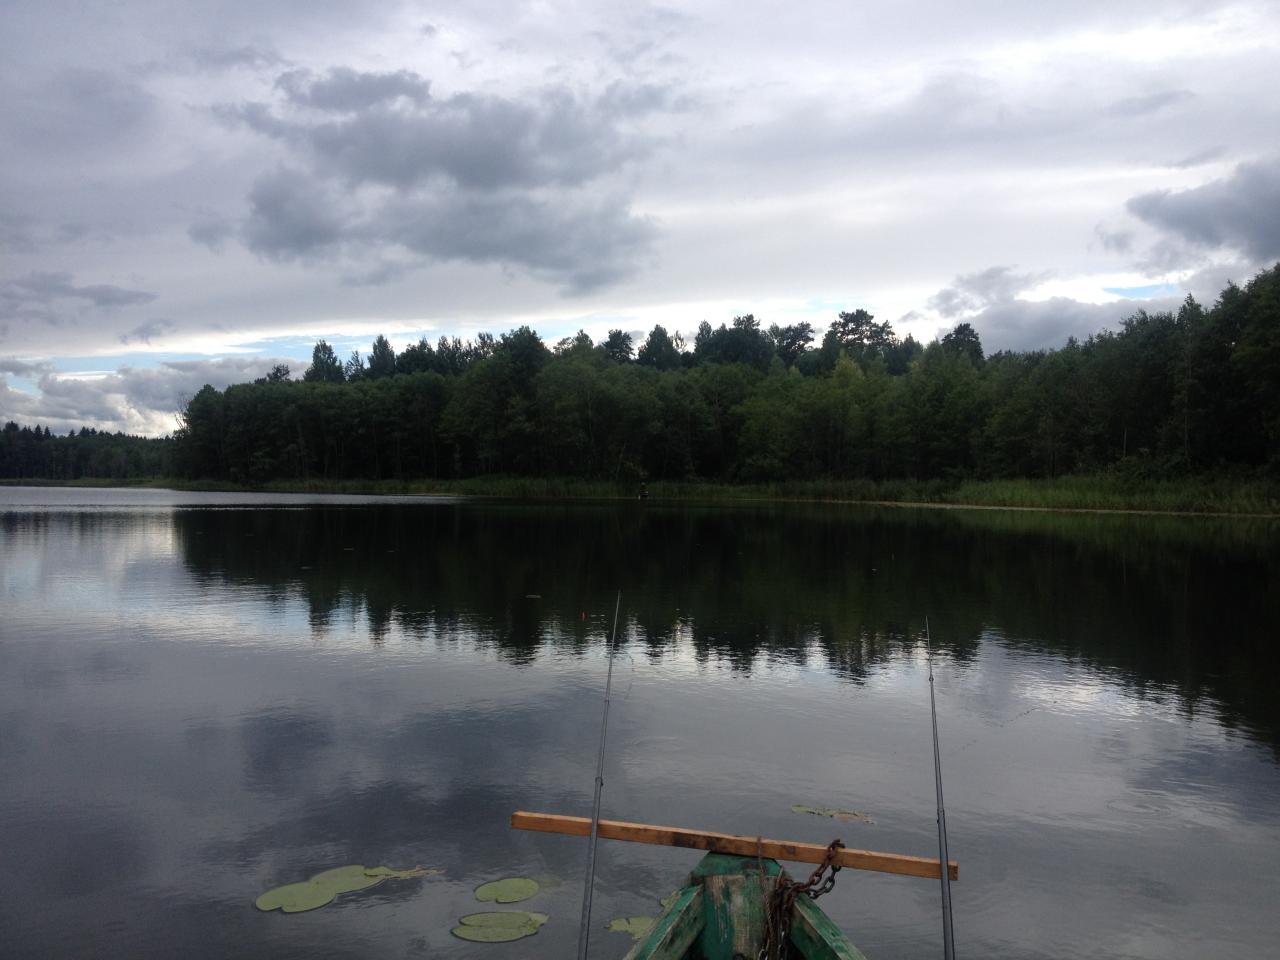 Повезло провести несколько дней на даче. Поездка наметилась ...   Отчеты о рыбалке в Беларуси